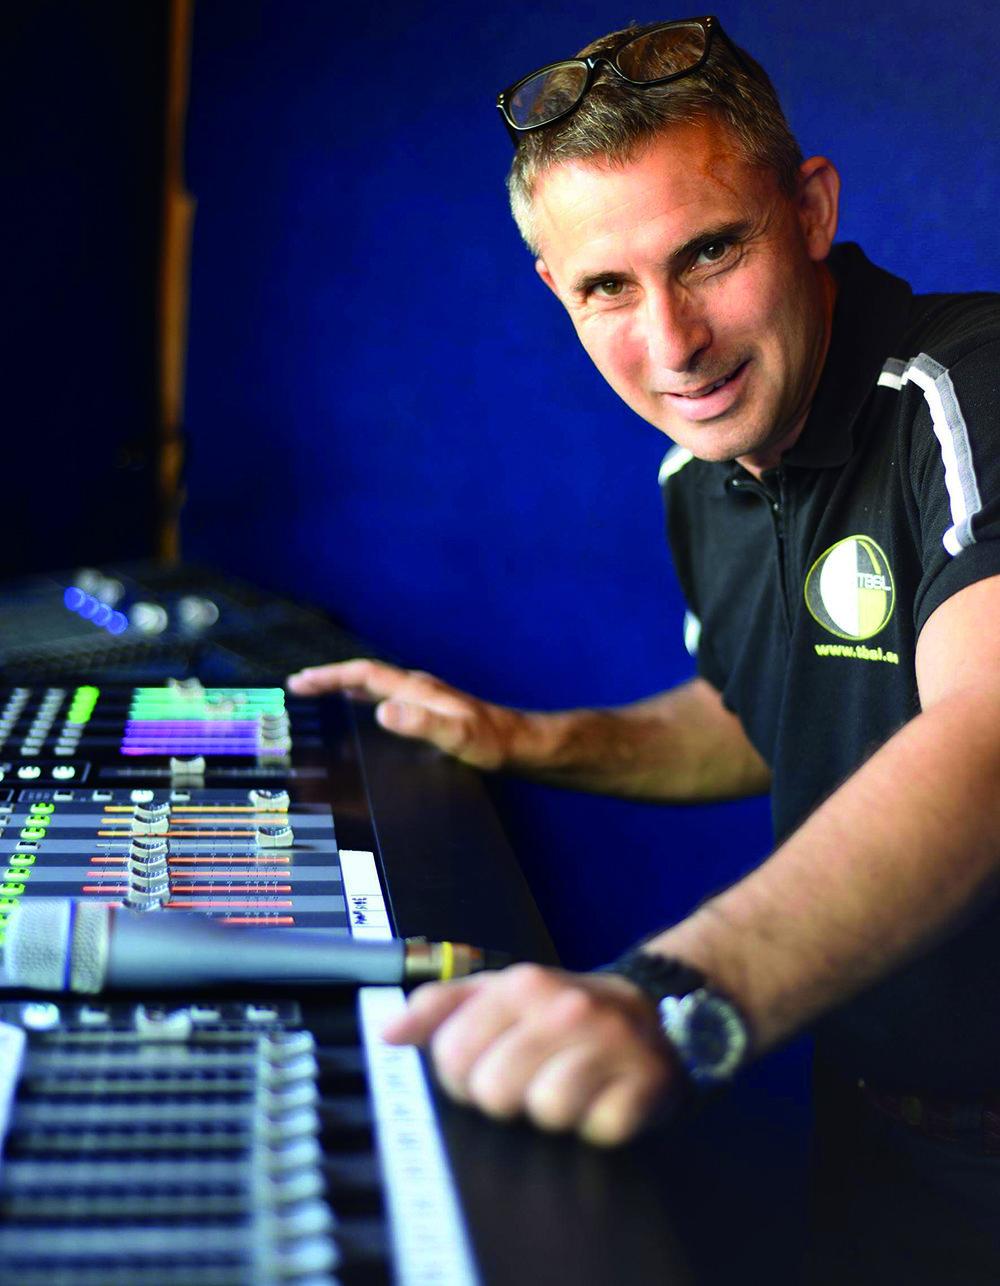 Sedan 2014 är Thomas Bohman huvudansvarig ljudtekniker med det lokala företaget TBSL (T. Bohman Sound & Lightning) i Västervik som totalleverantör av ljud och ljus.